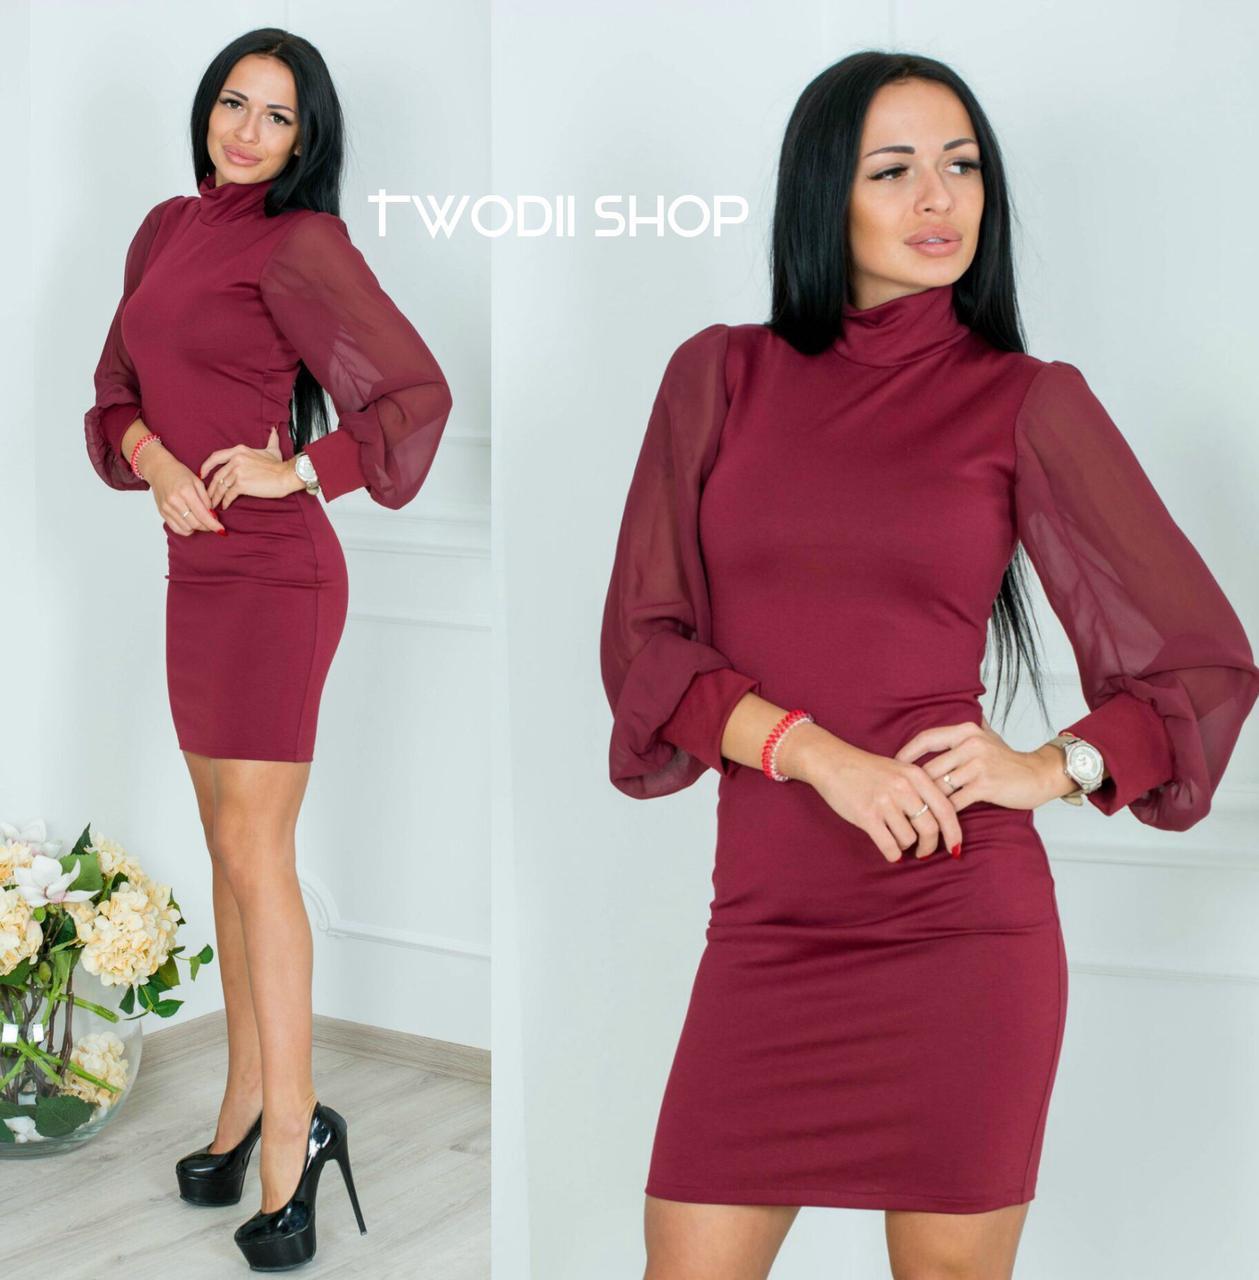 Женское красивое платье с шифоновыми оригинальными рукавами (4 цвета)  электрик 6469fc820ebee